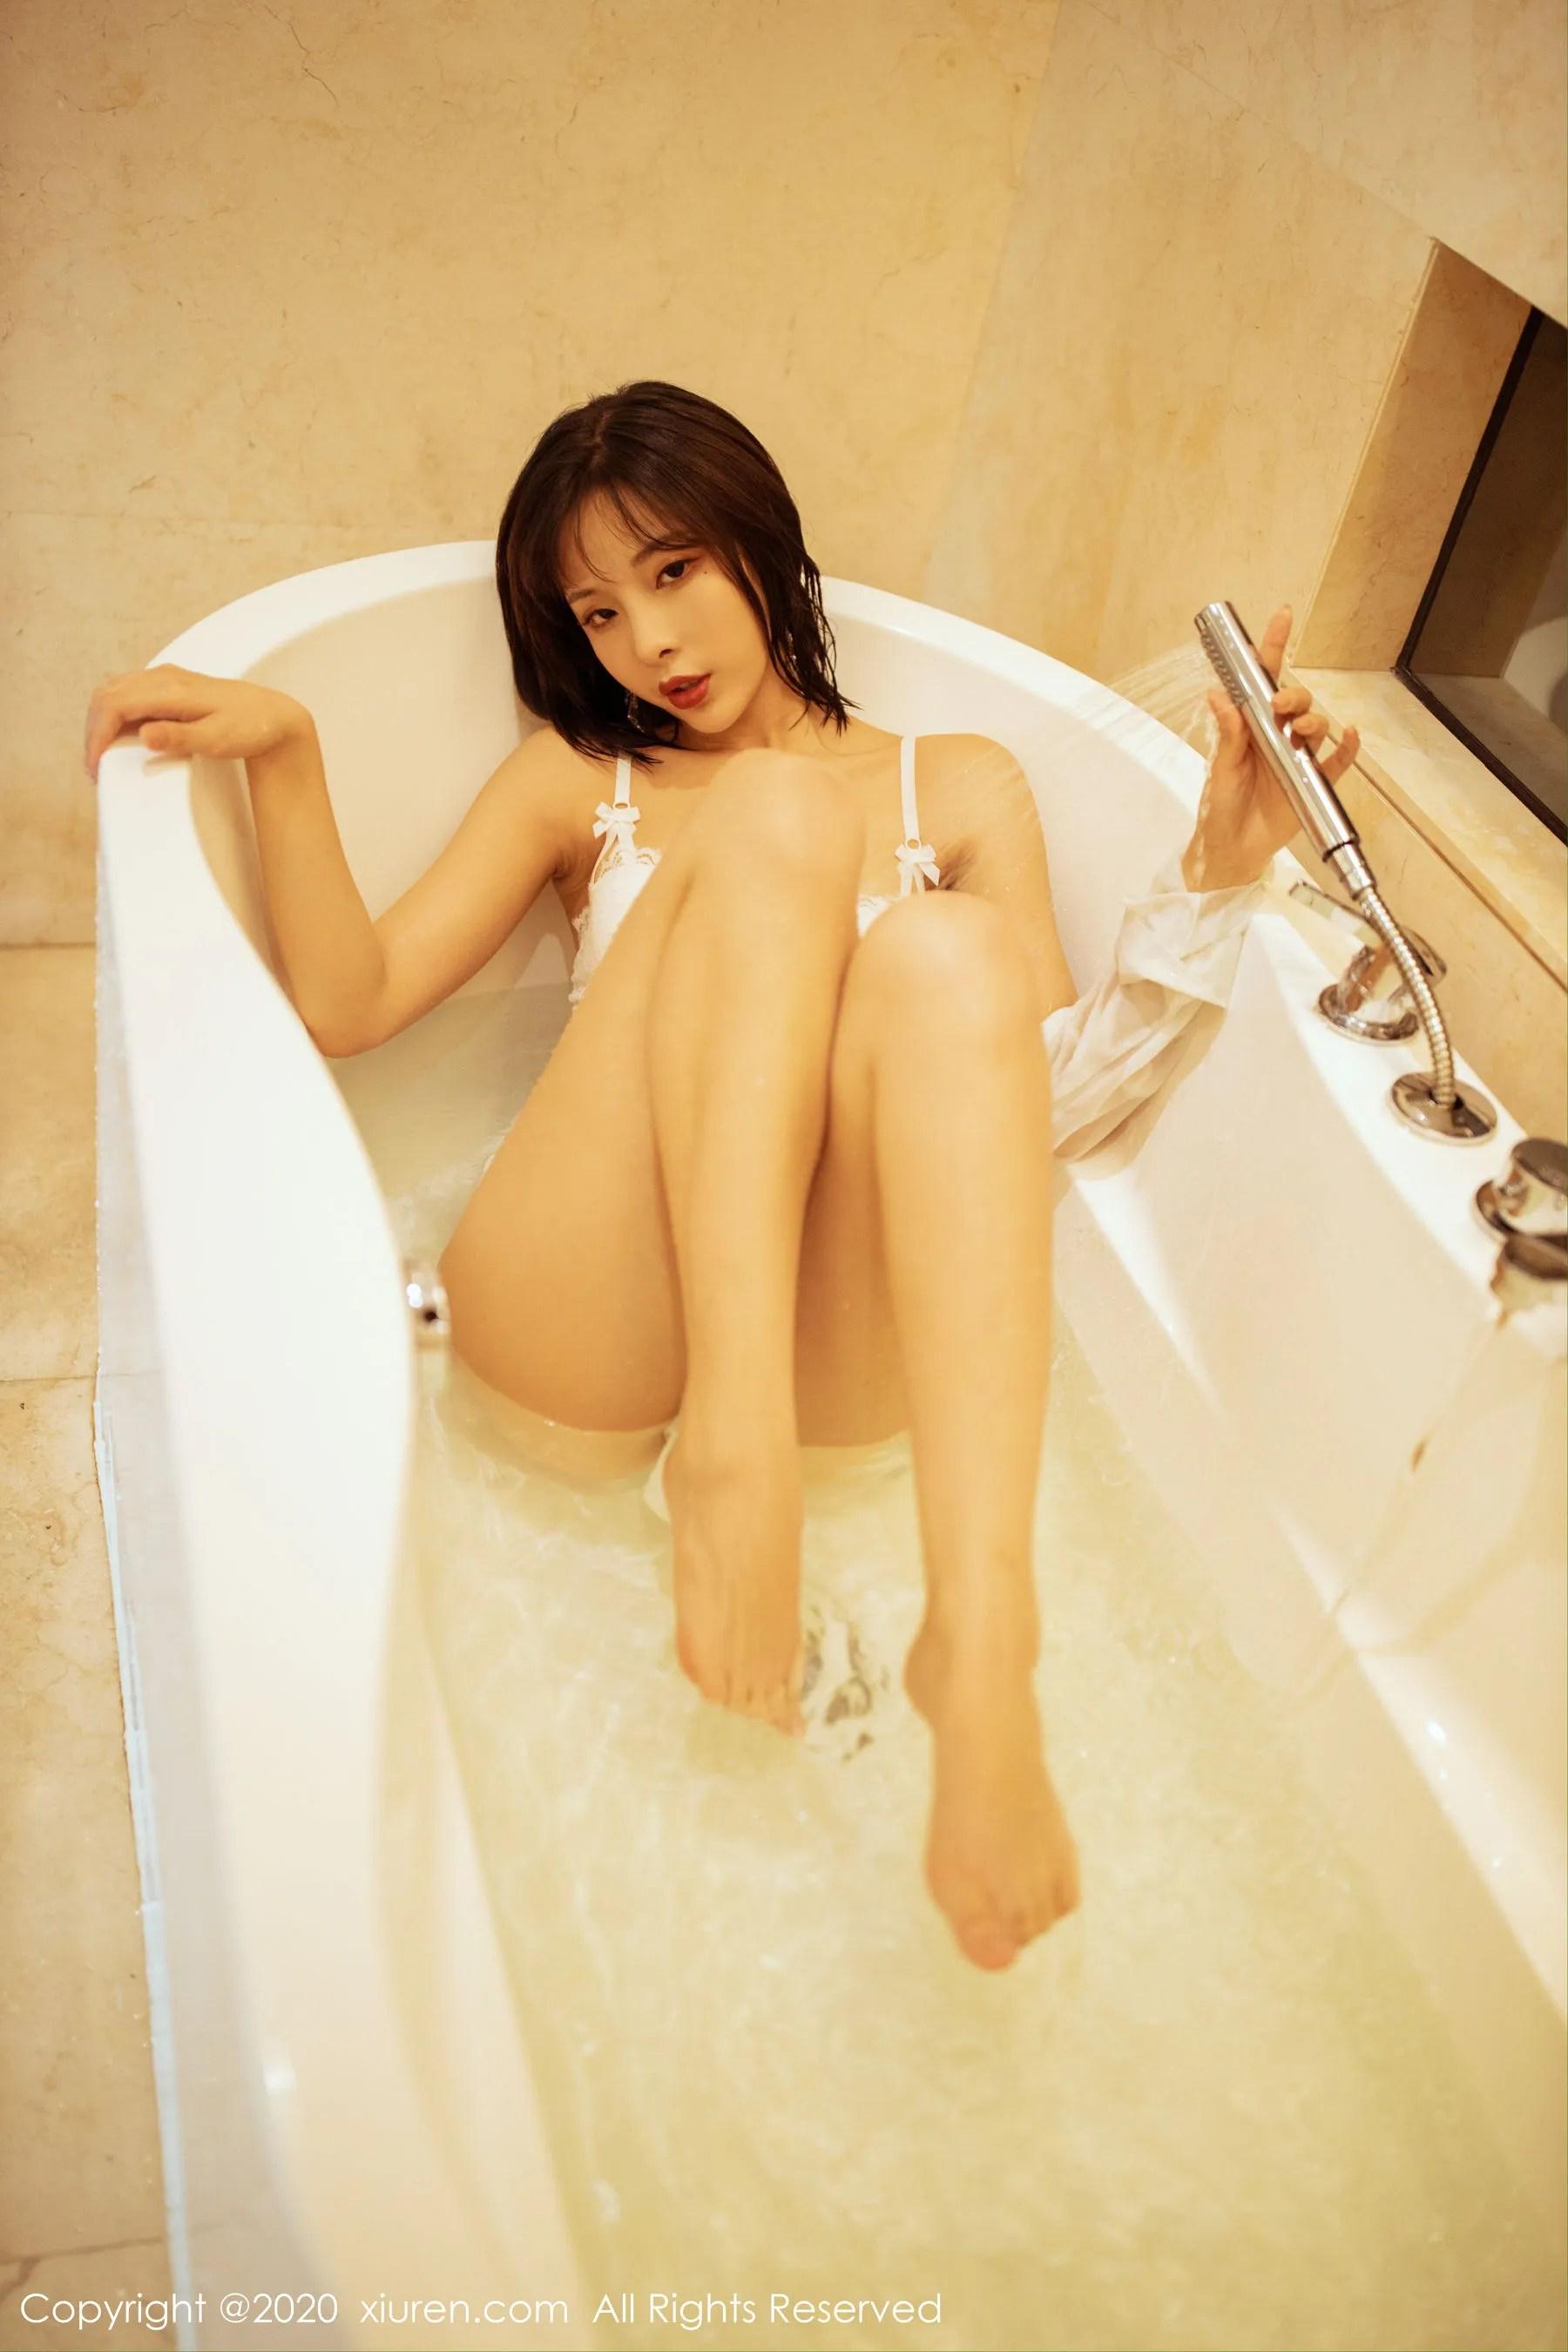 图片[5] - [秀人XiuRen] No.2158 陈小喵 《性感浴室湿身诱惑》 写真集[68P] - 唯独你没懂